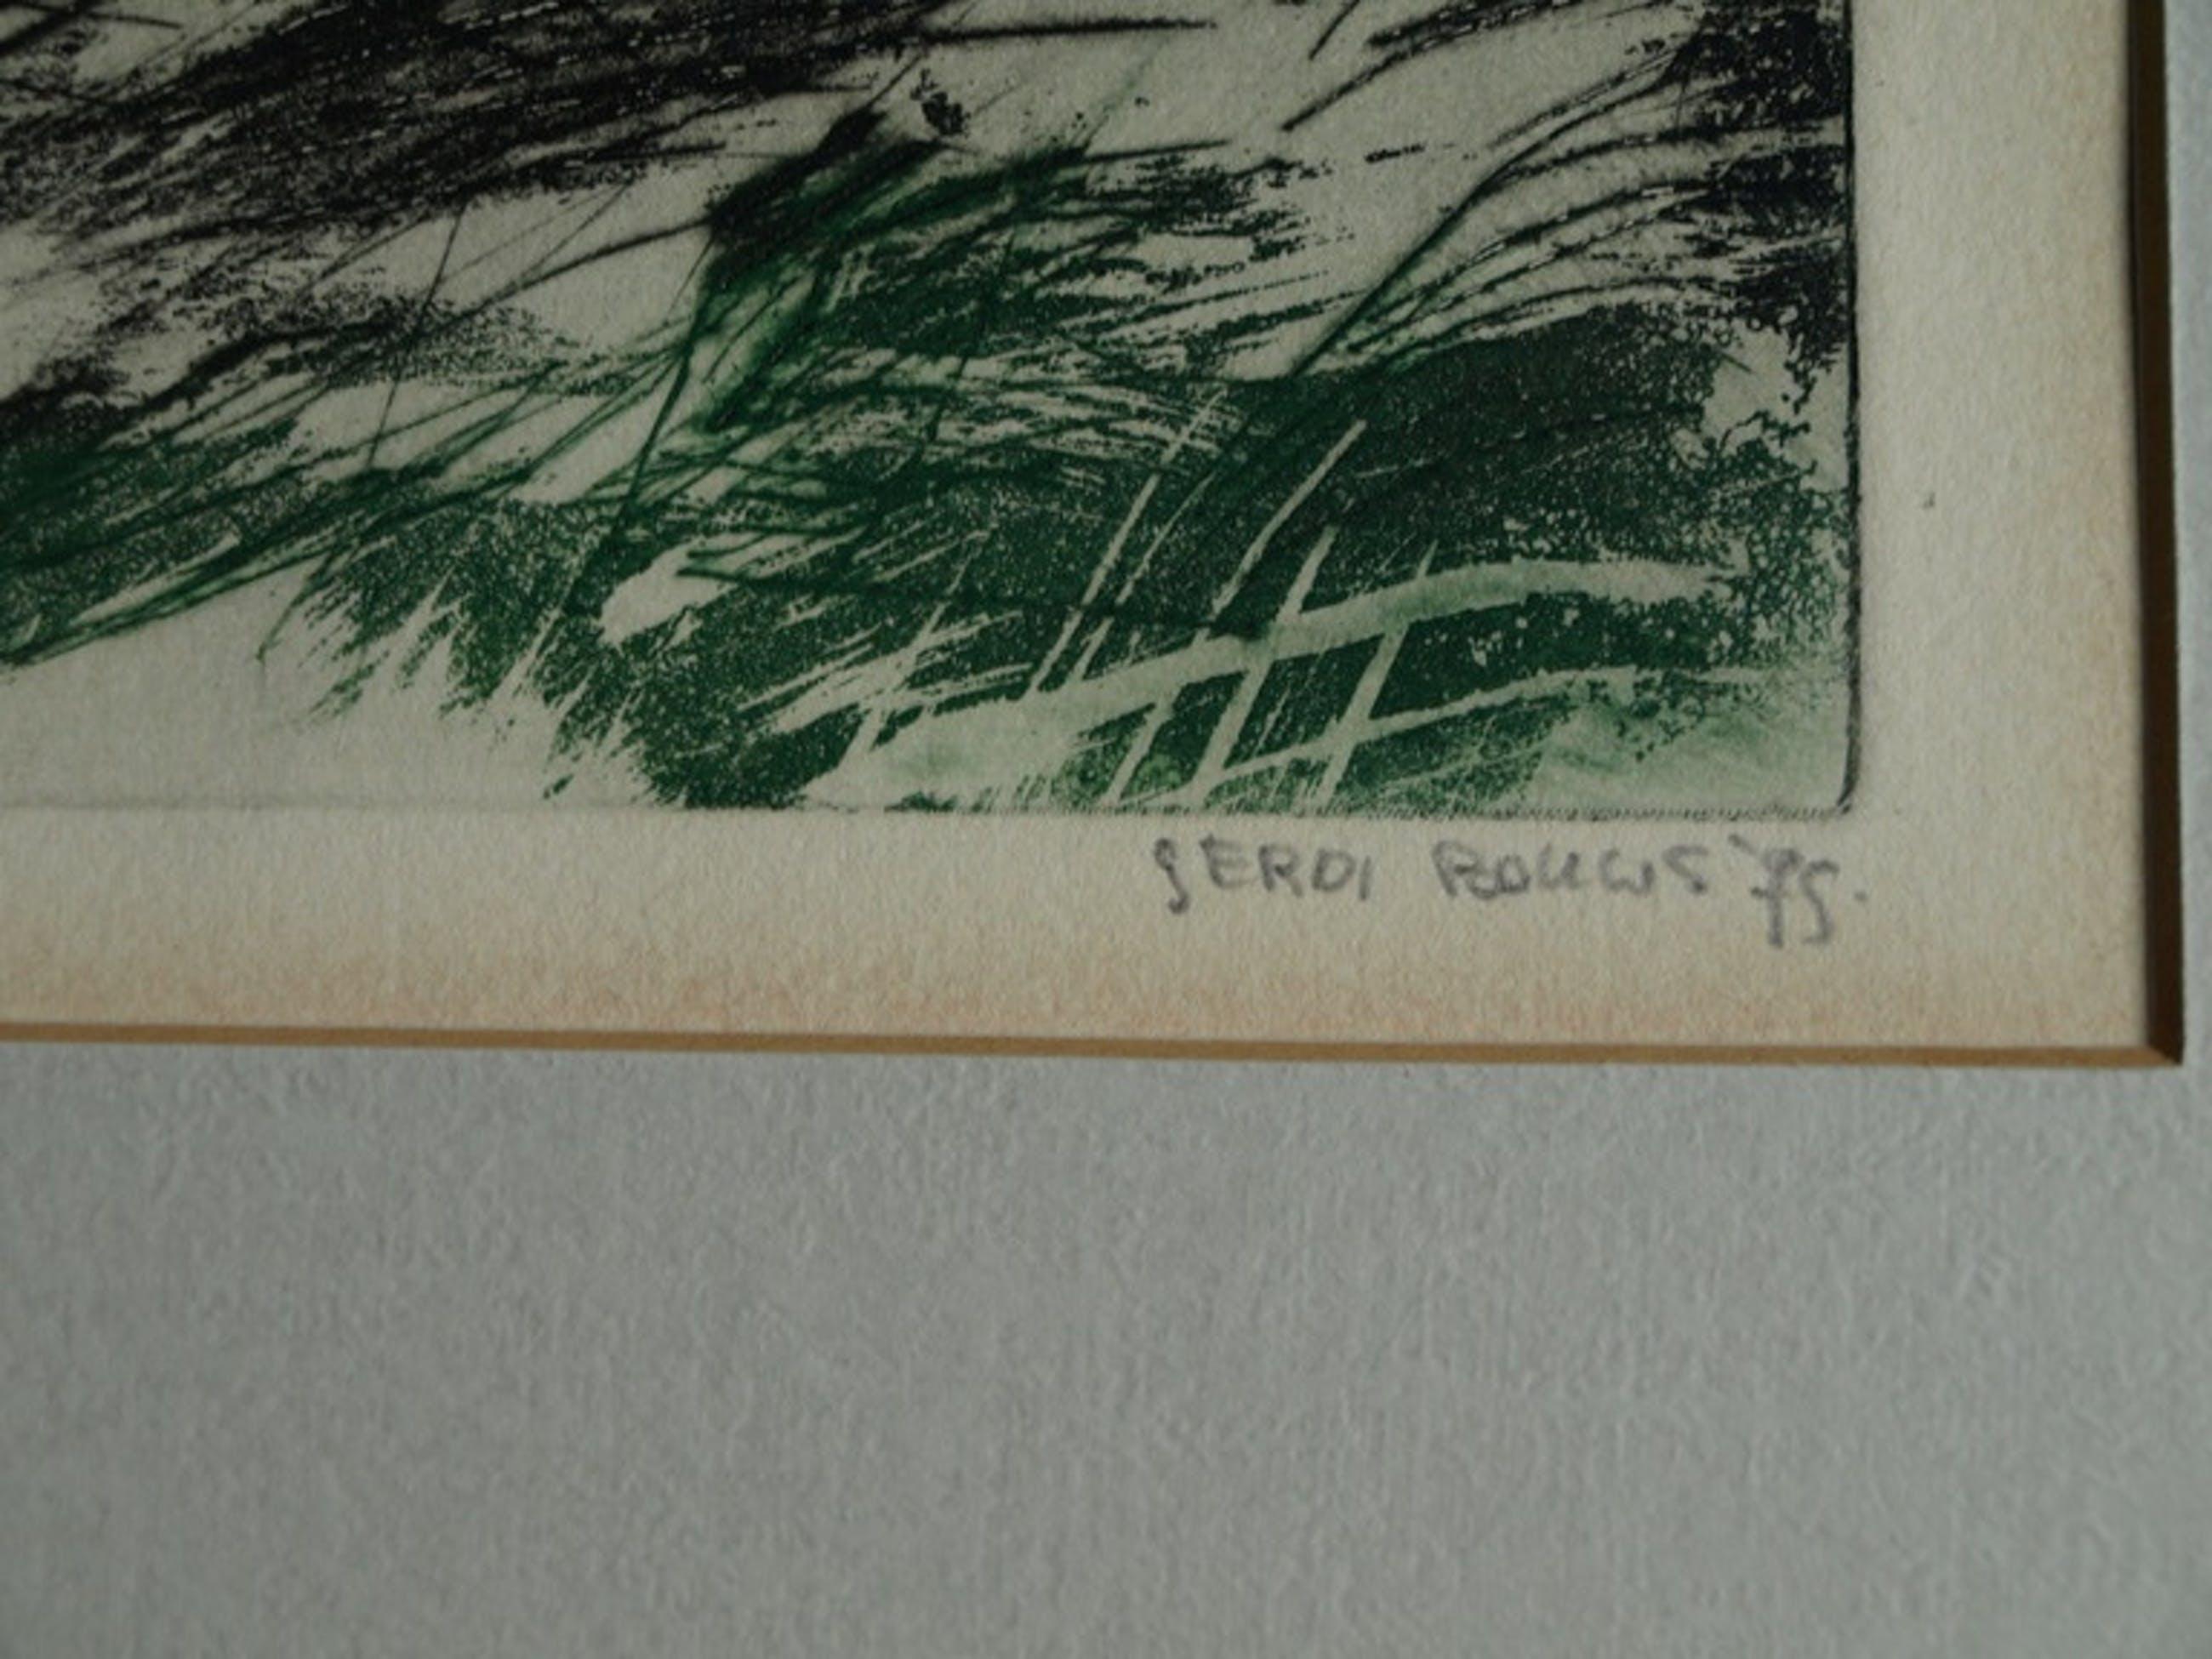 Gerdi Bouws (1951-) : Kleurenets, Abstract landschap – gesigneerd – 1975 kopen? Bied vanaf 50!